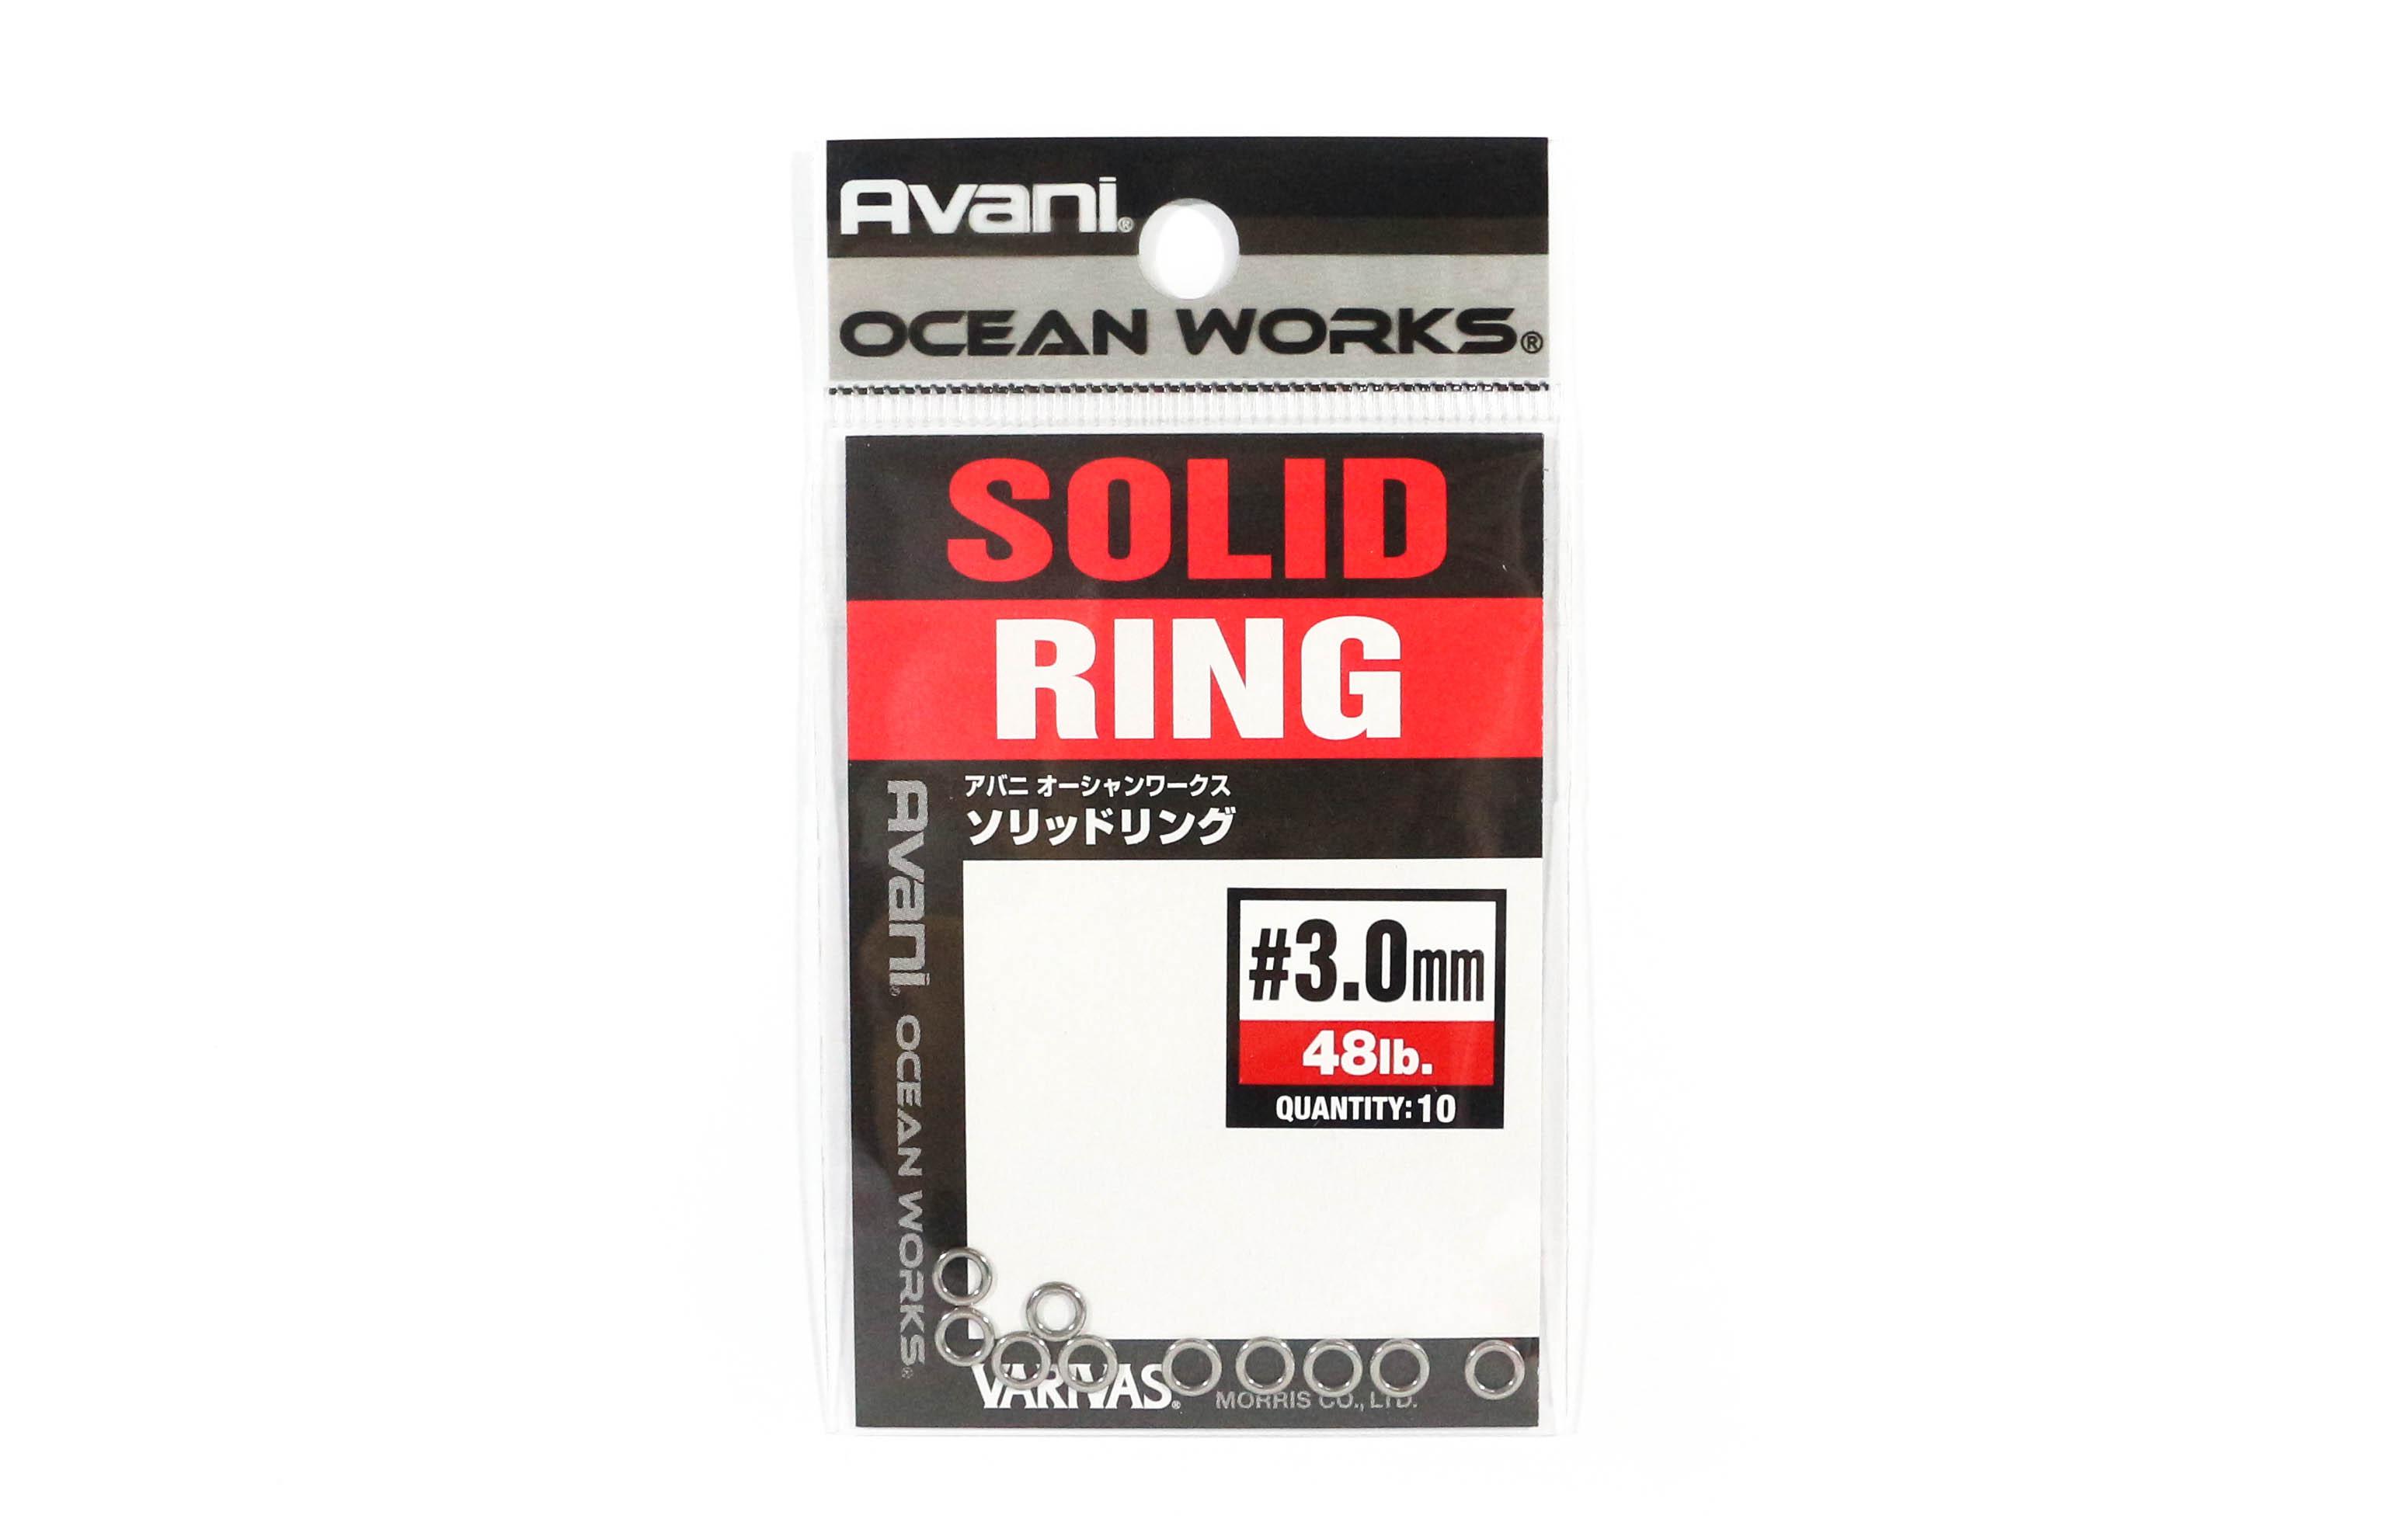 Varivas AH-16 Ocean Works Solid Ring Size 3.0 mm 48lb (4094)